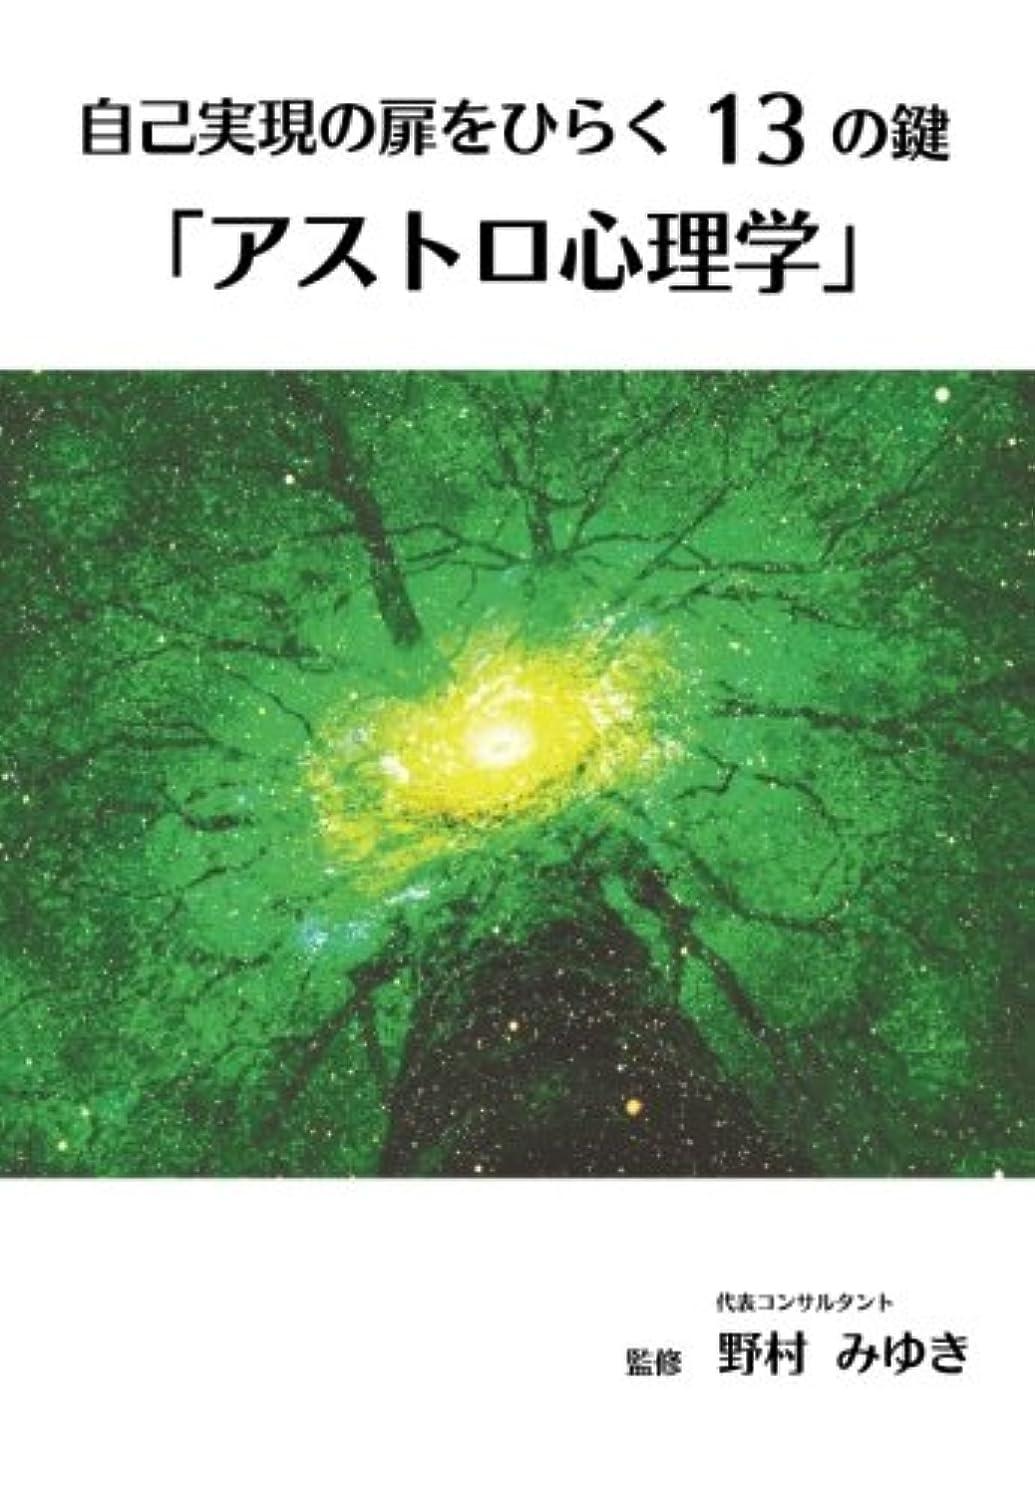 ドック距離長さ自己実現の扉をひらく13の鍵「アストロ心理学」